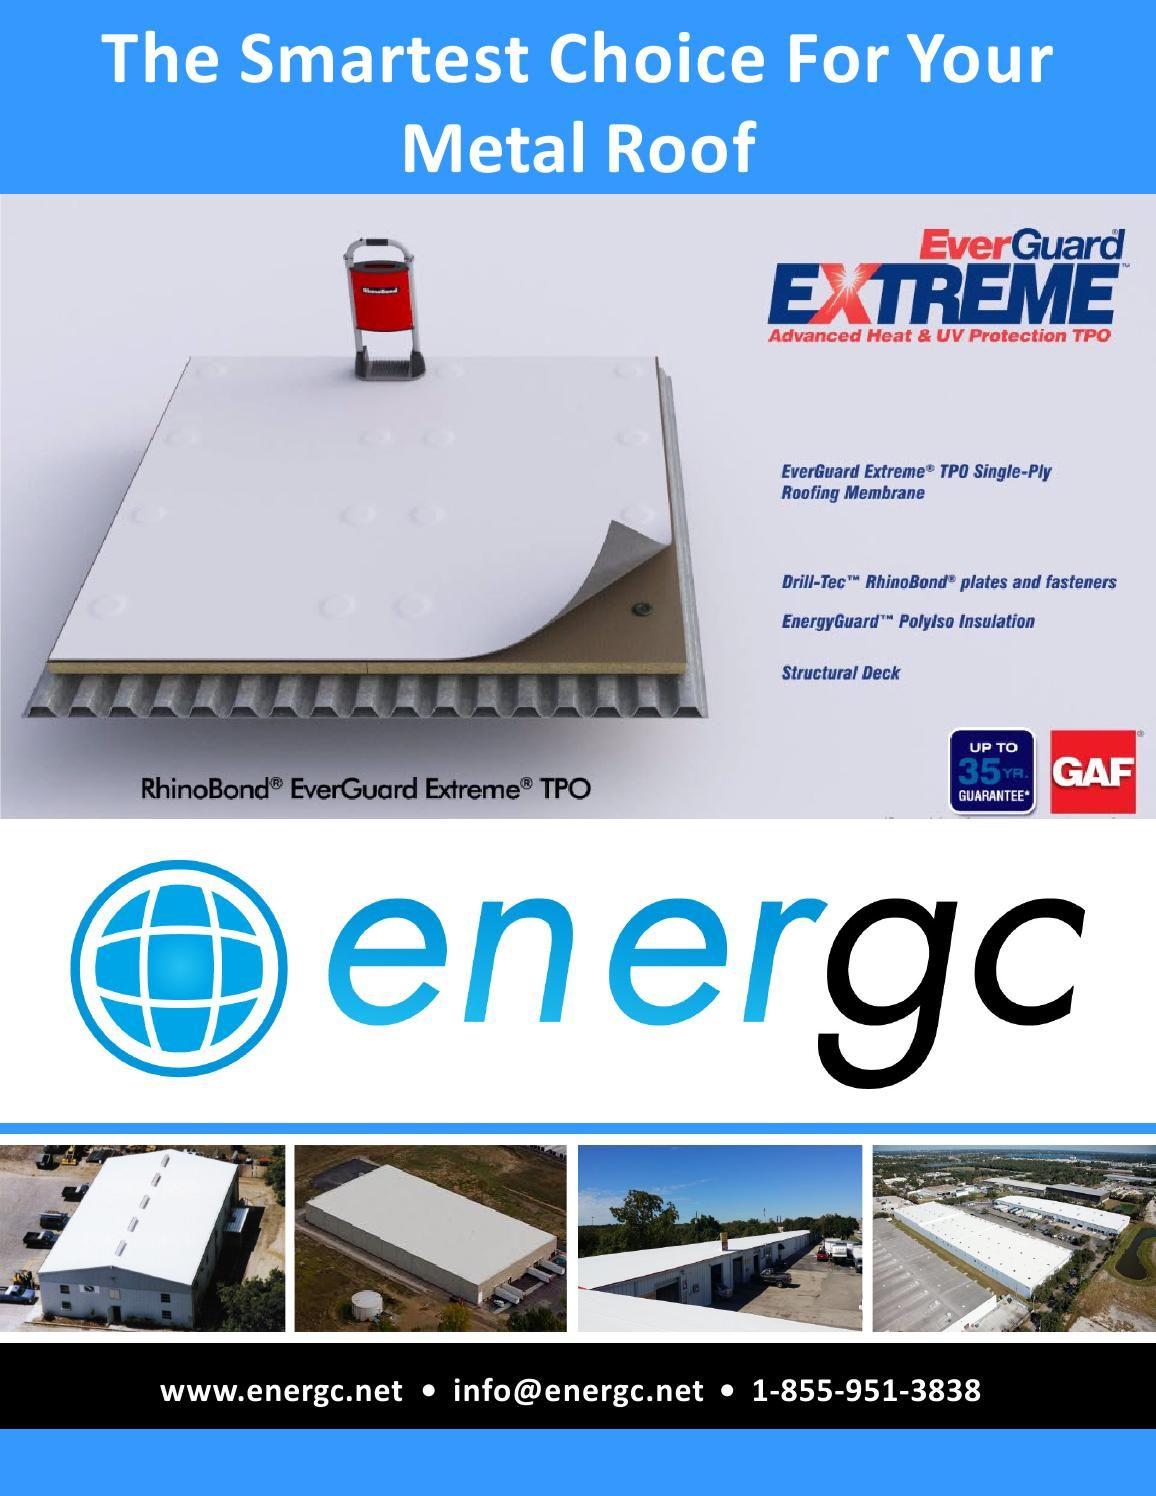 Energc Metal Roof Retrofit Metal Roof Save Energy Metal